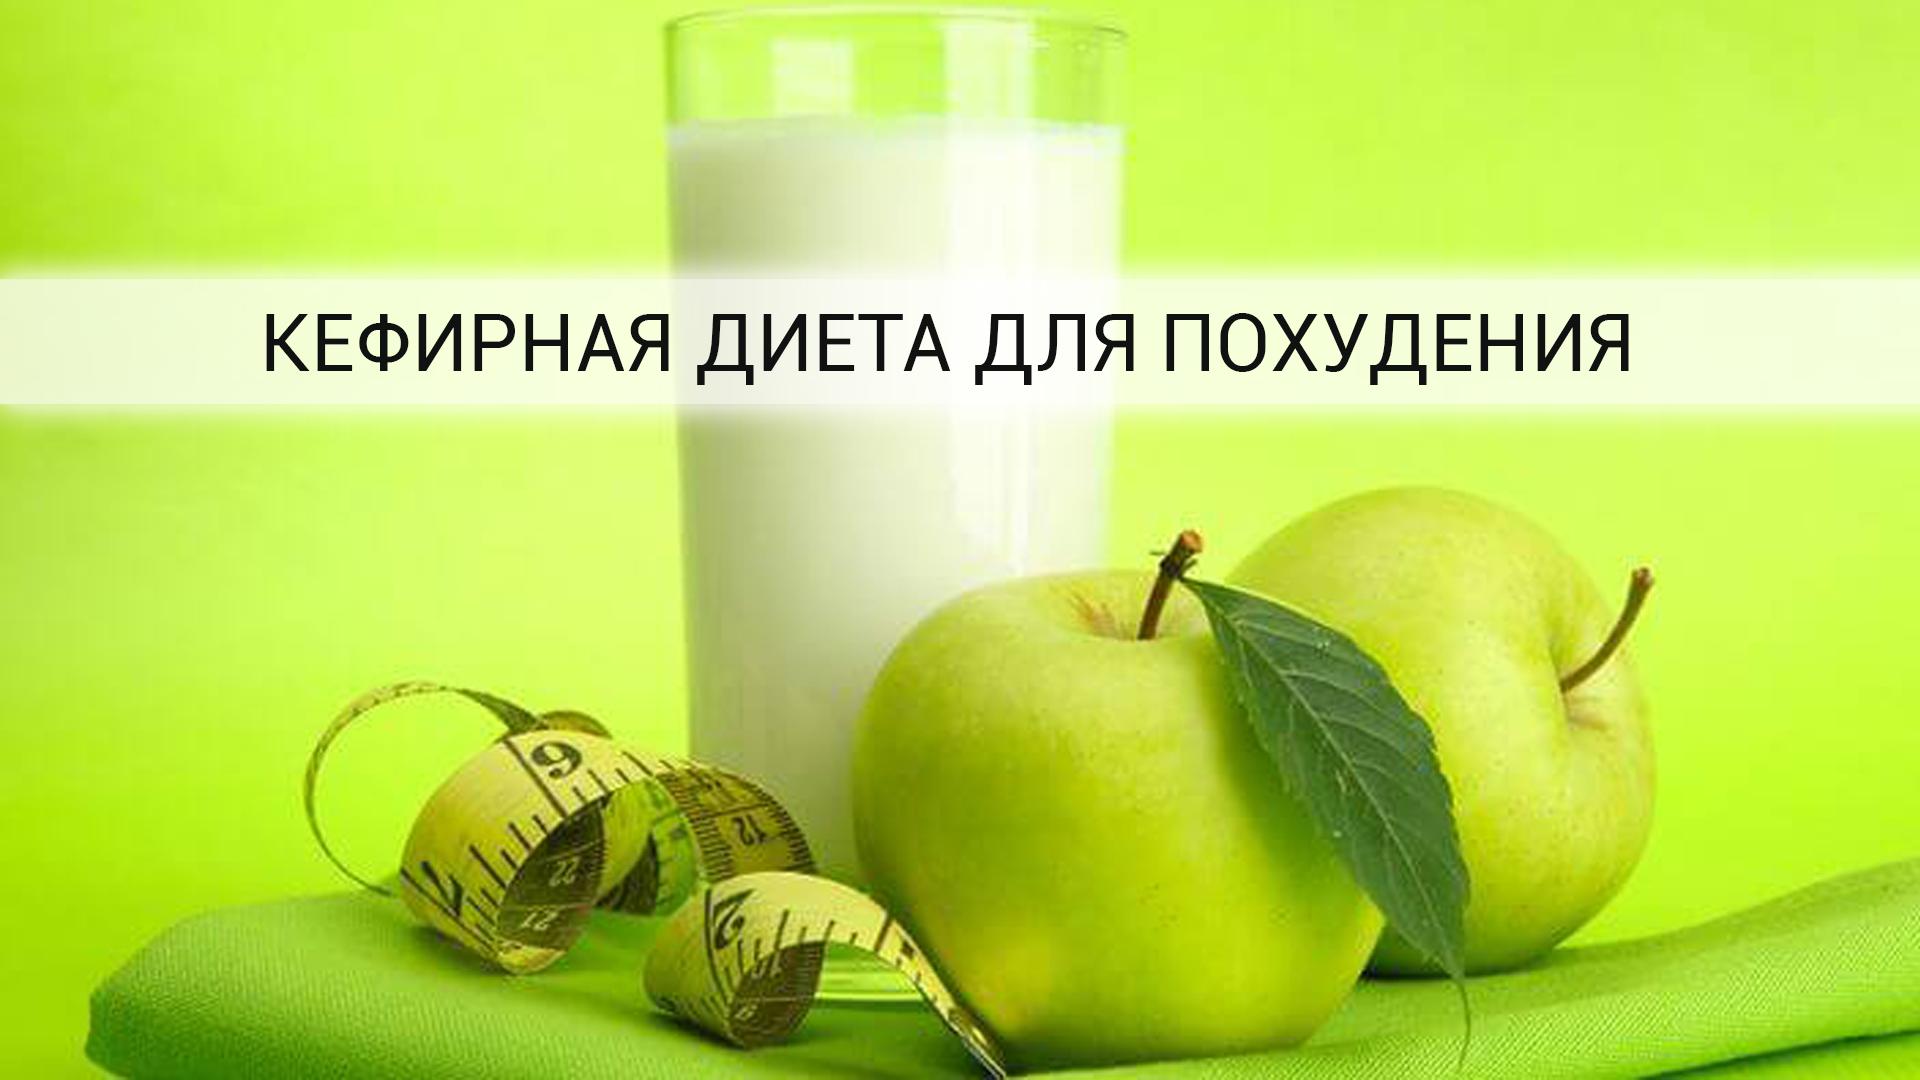 Диета из яблок капусты и кефира